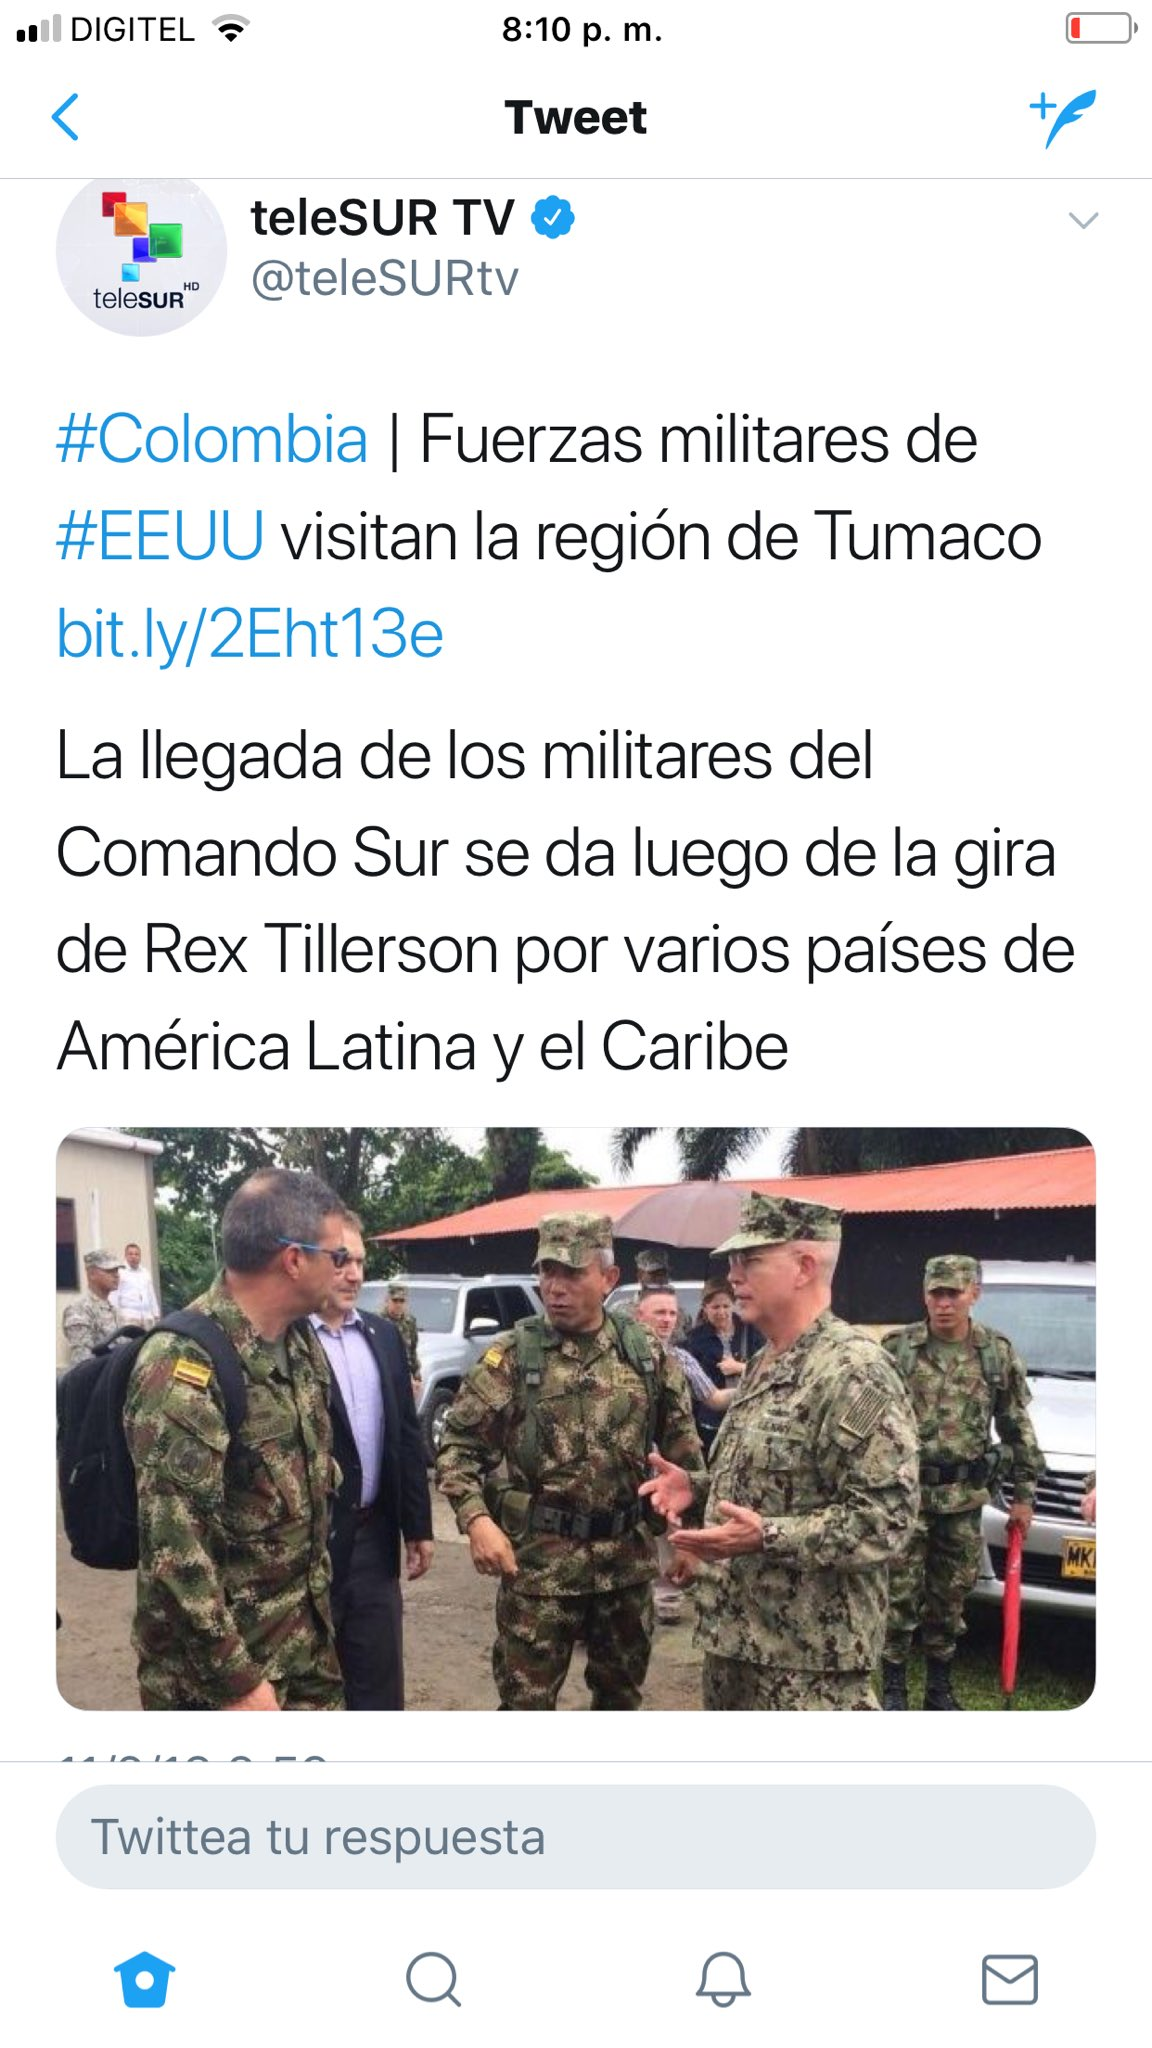 COMUNICADO - CÓMO PREPARARNOS PARA UN ATAQUE GRINGO A TRAVES DE COLOMBIA Y ARUBA-CURAÇAO? DVy0IWzXUAABMT3